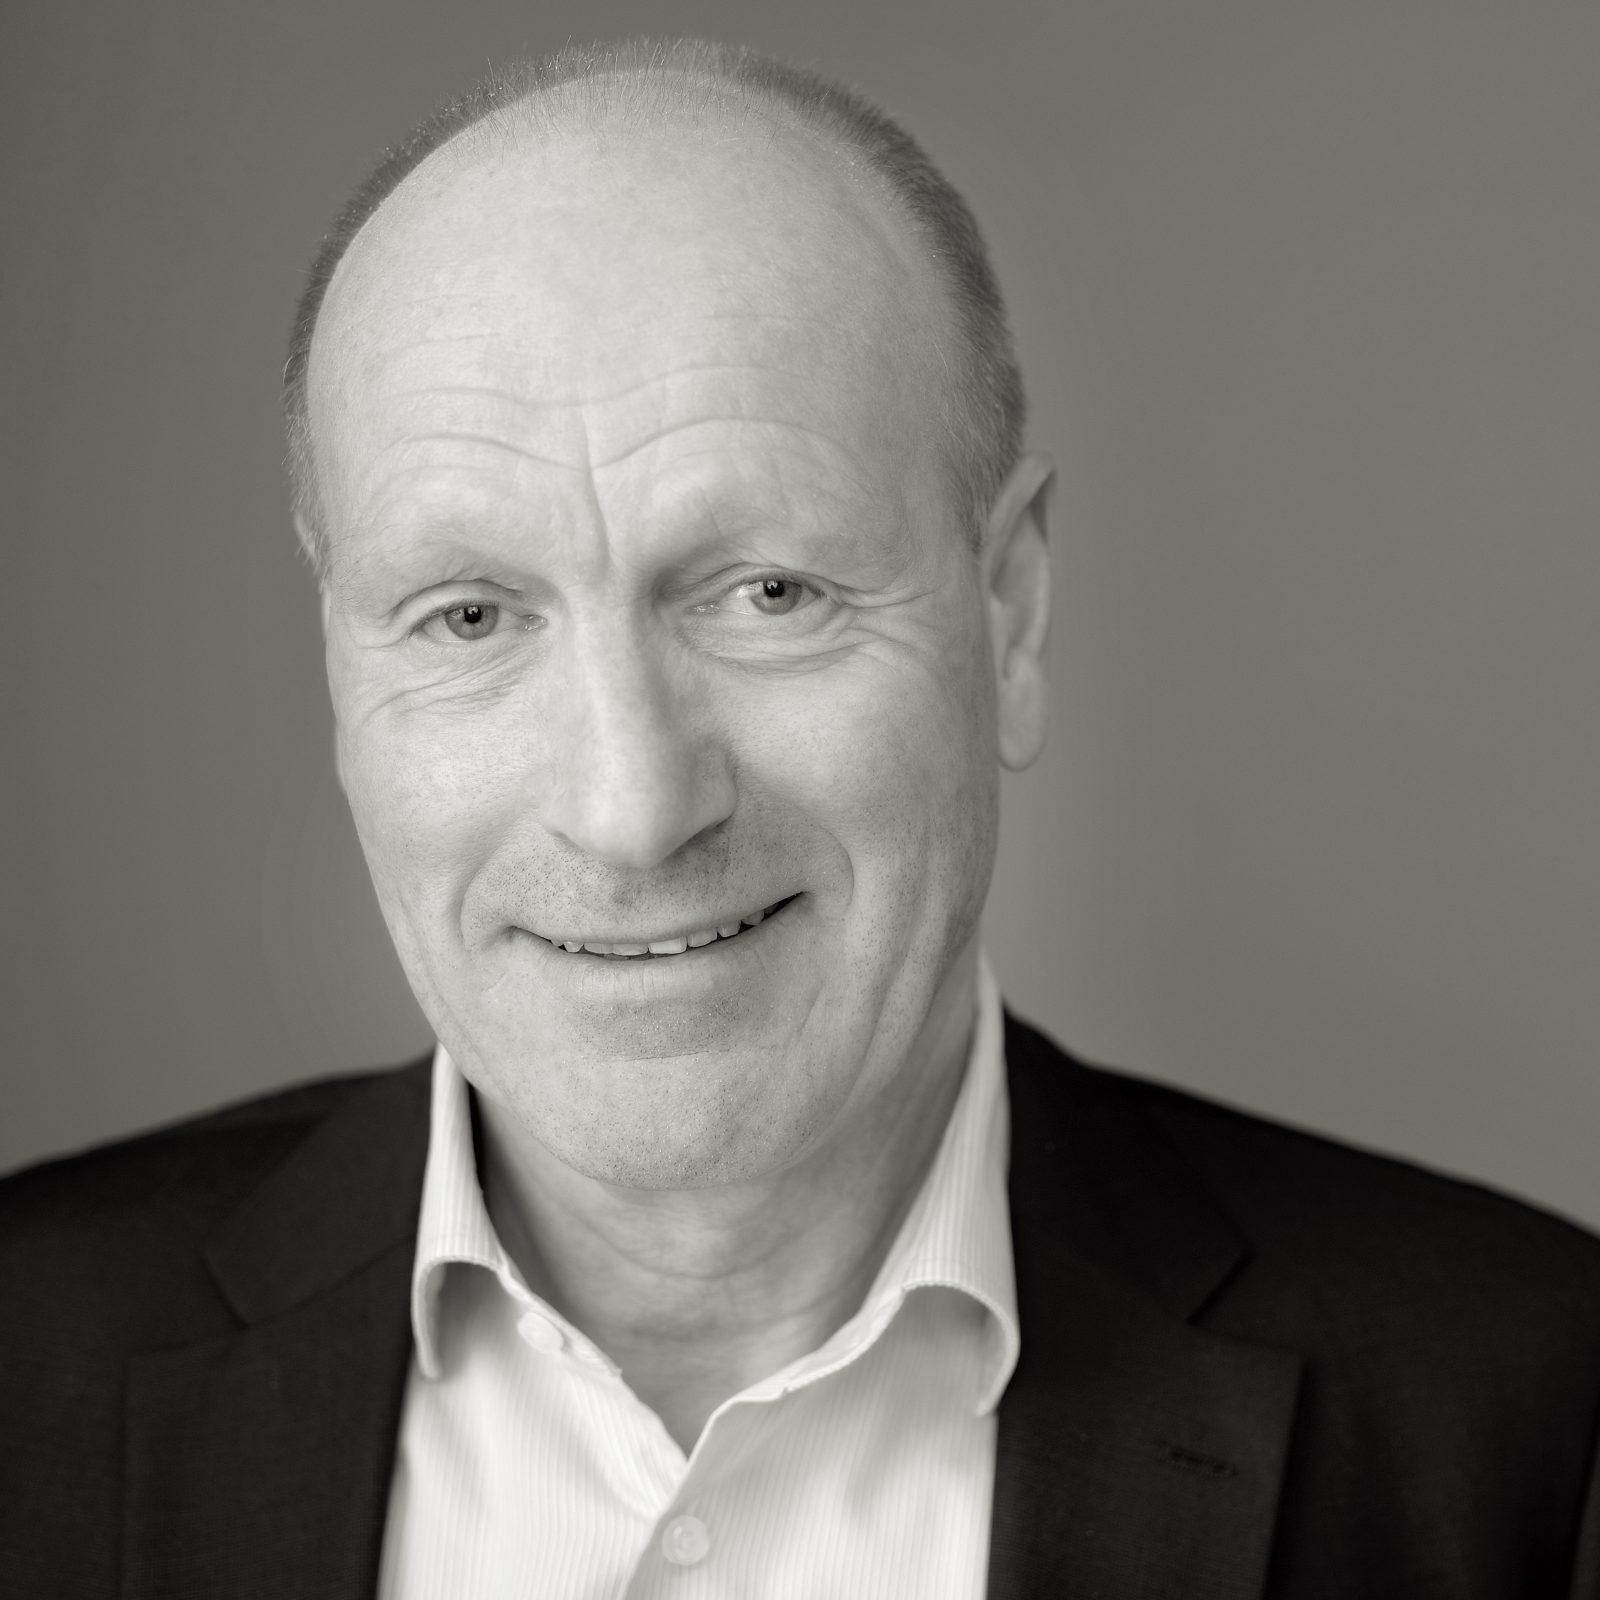 Bjørn Einar Sundby